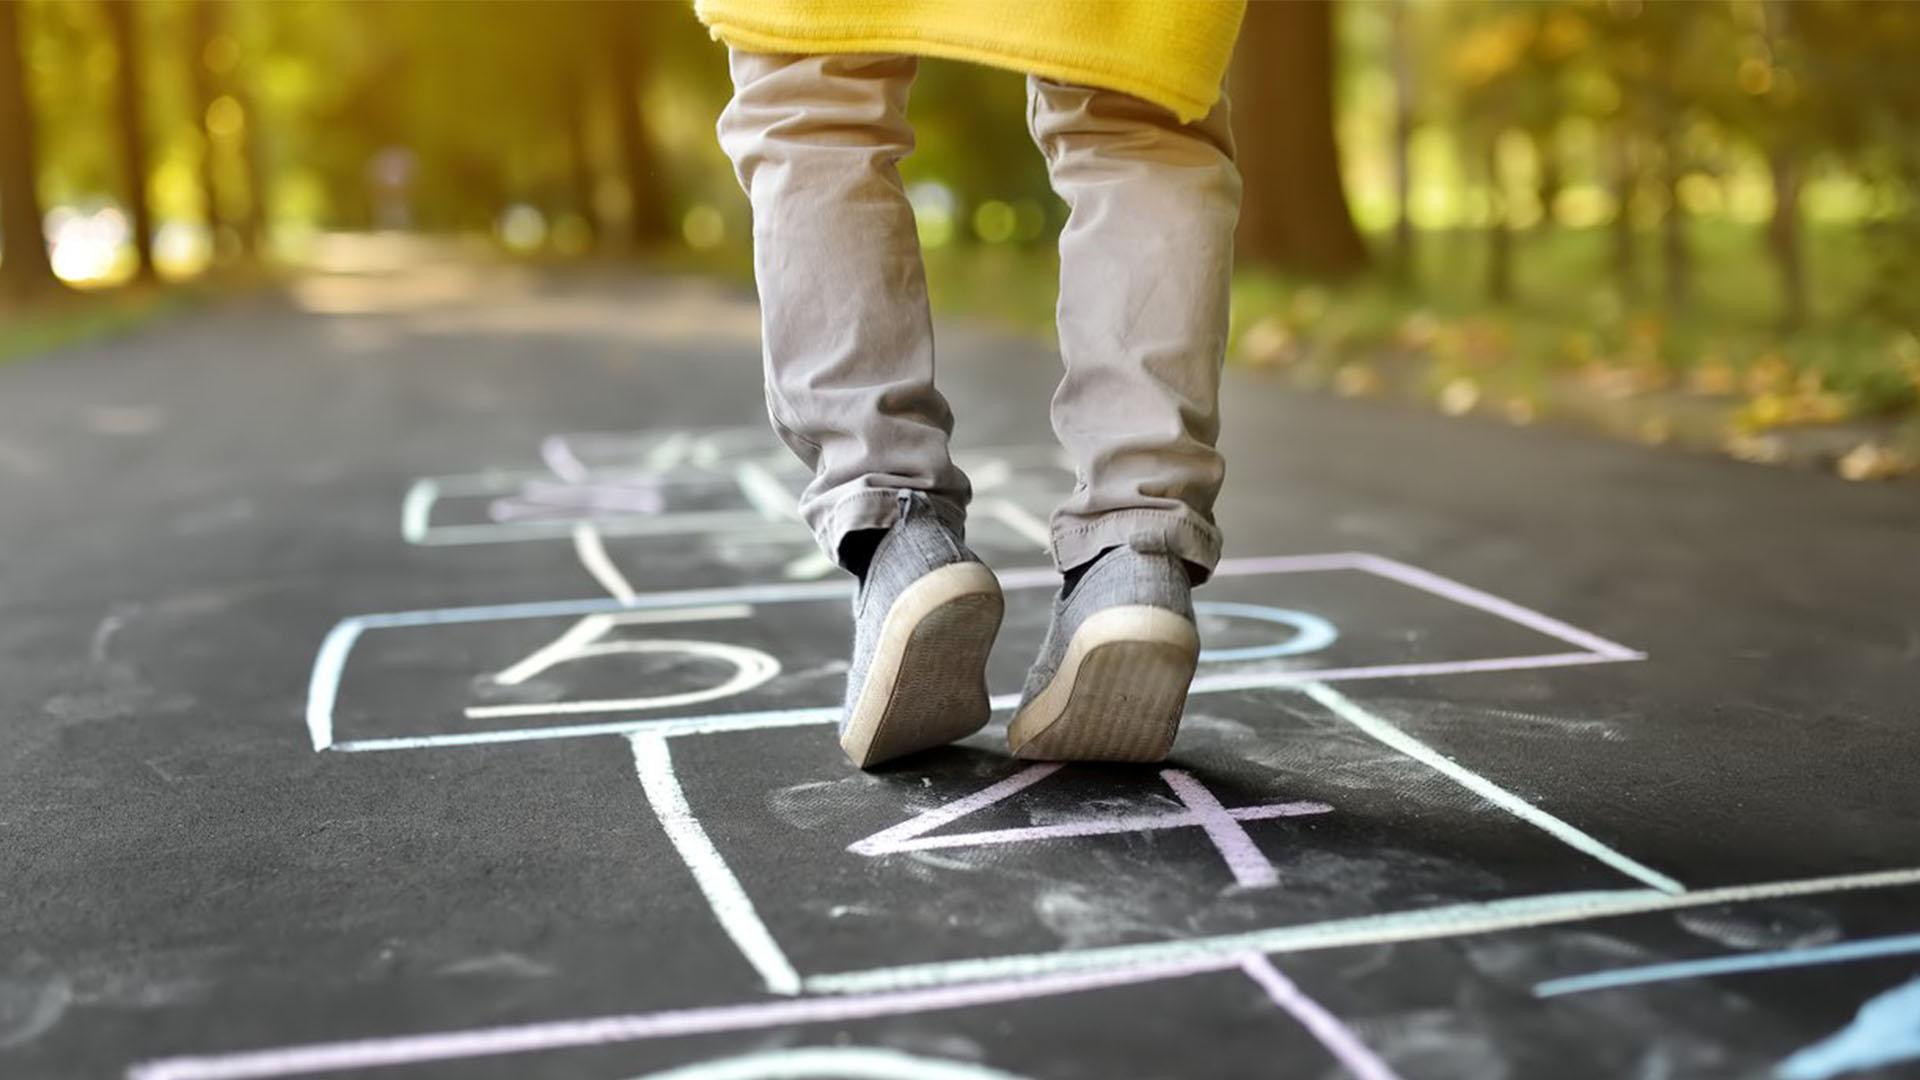 معرفی 8 بازی محلی و تعیین گروه هدف و کاربرد آموزشی